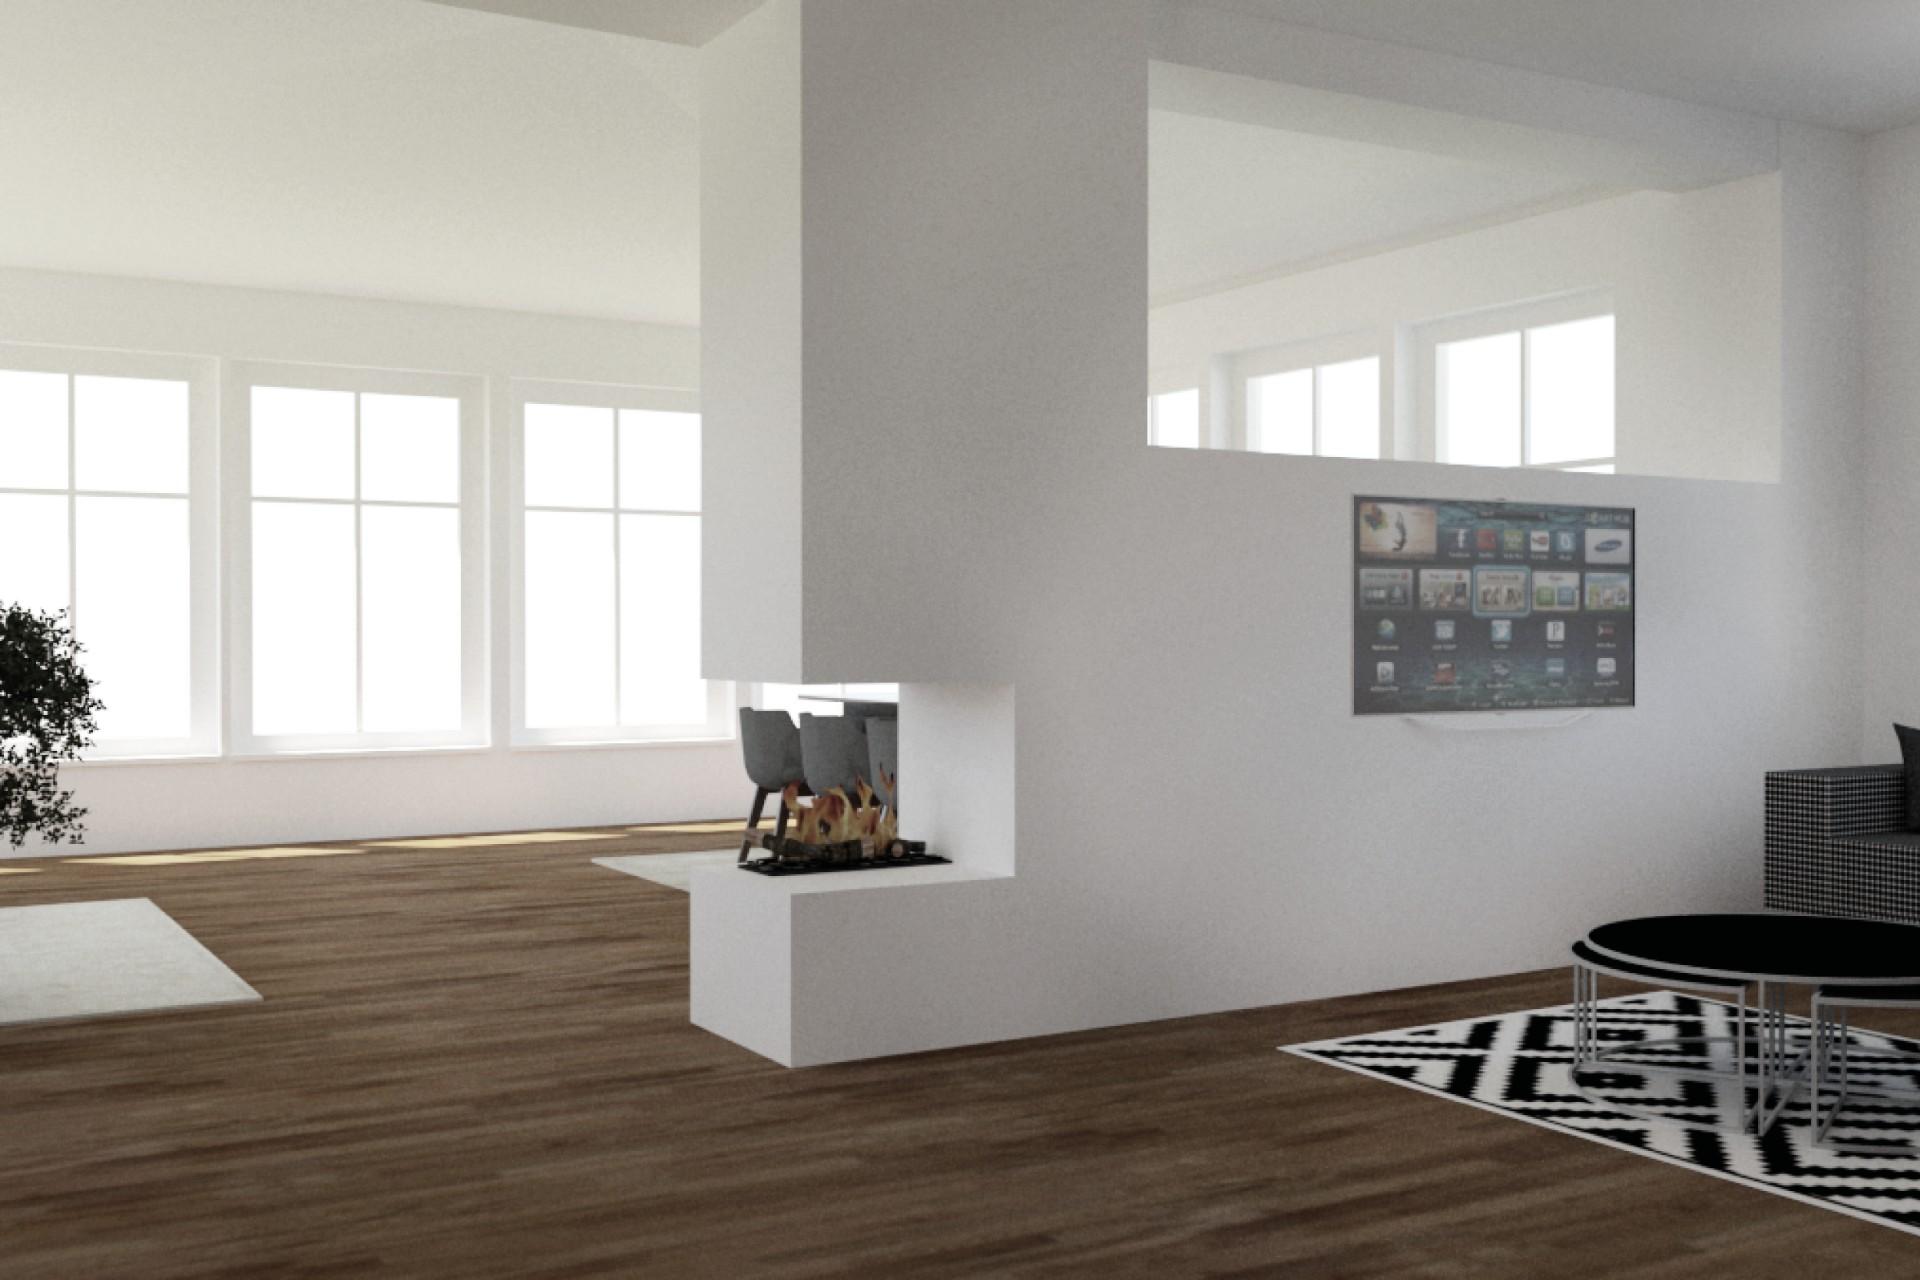 bilder-projekt-villa-holm16